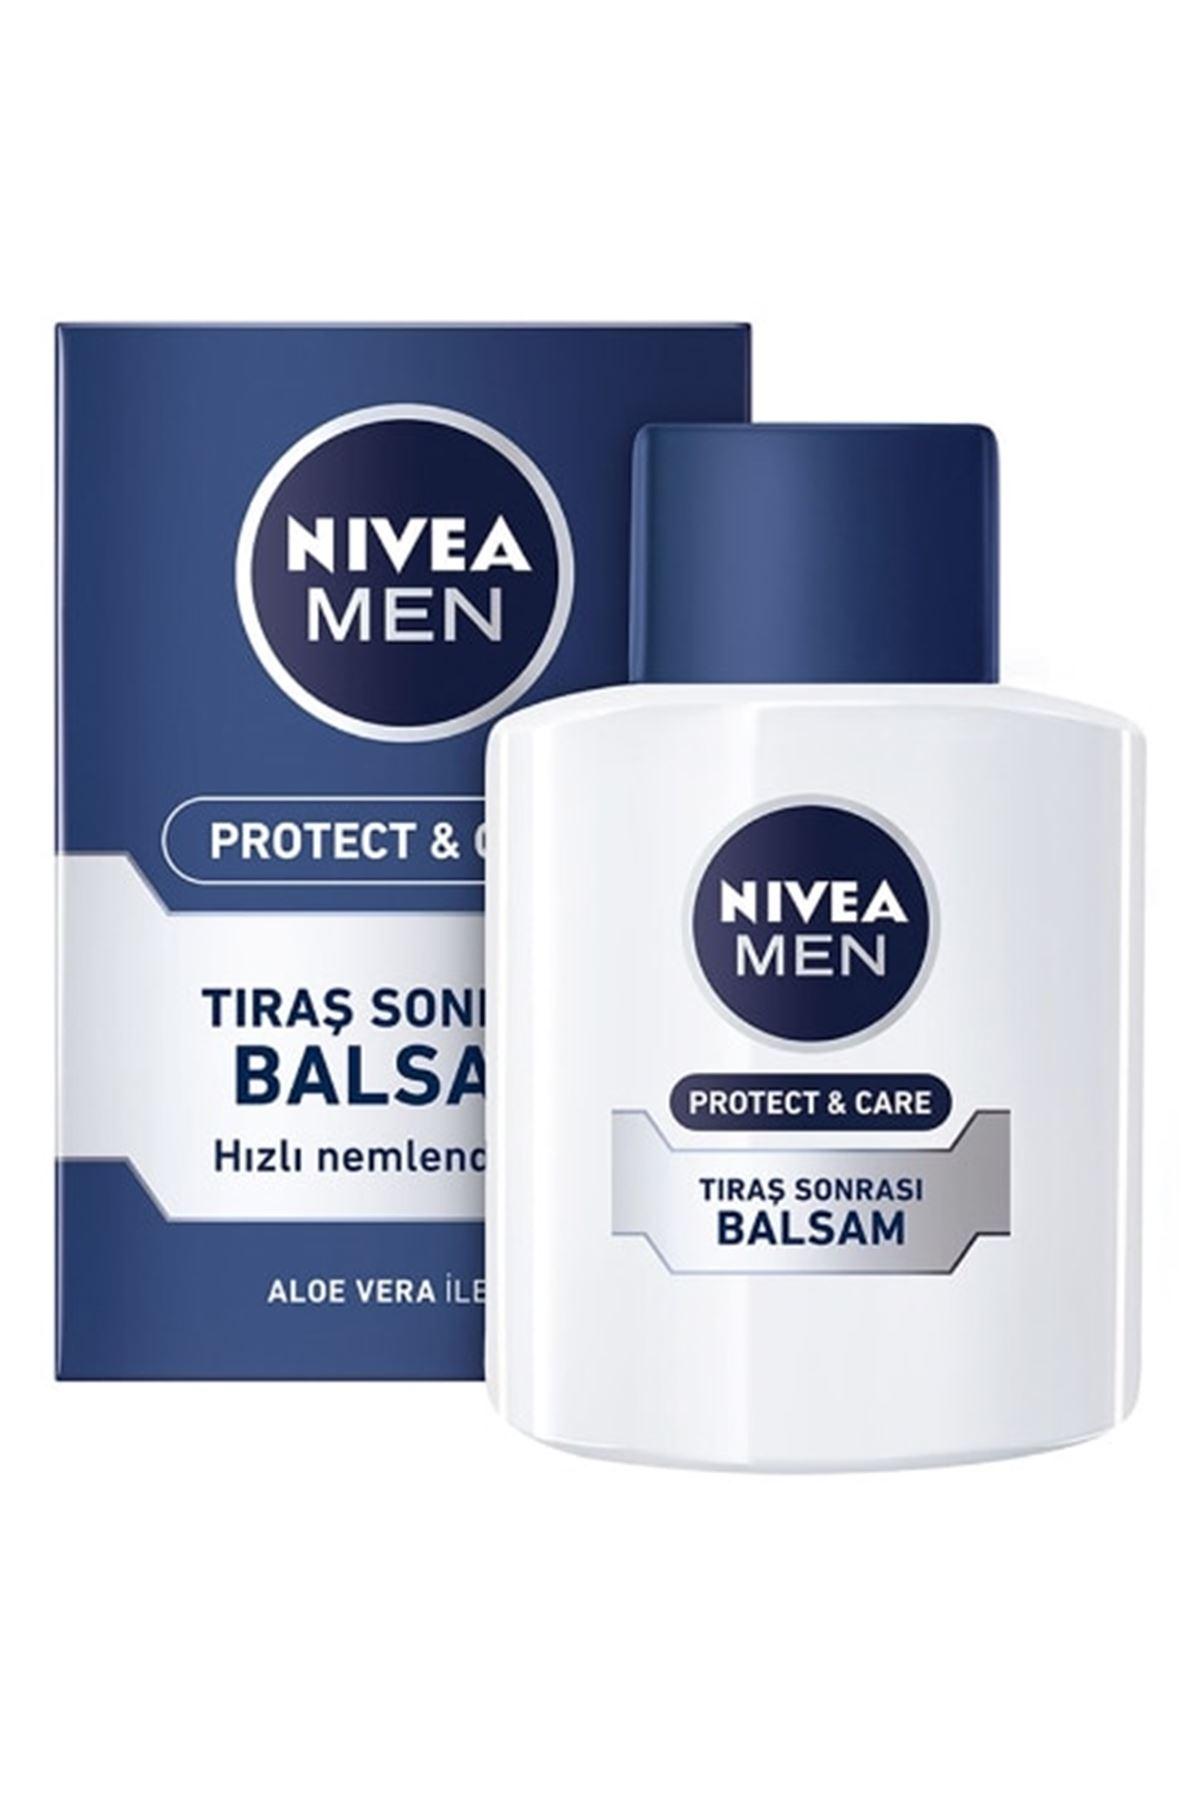 Nivea Men Protect & Care Nemlendirici Tıraş Sonrası Balsam 100 ml